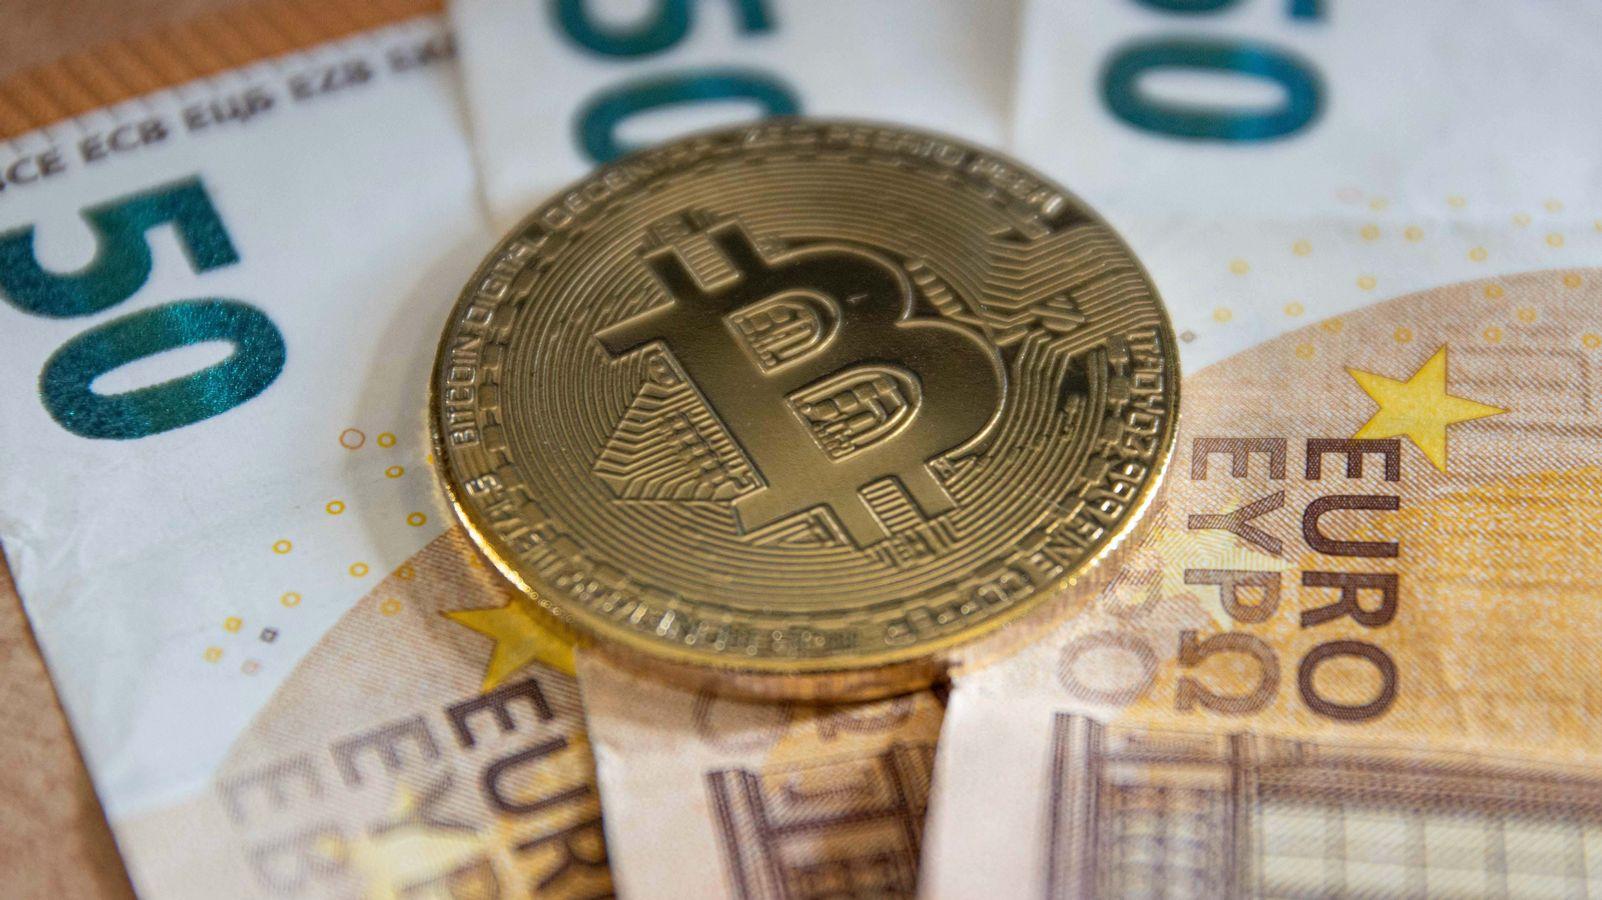 warum kann bitcoin-bargeld nicht gehandelt werden? bitcoin s2x futures handel